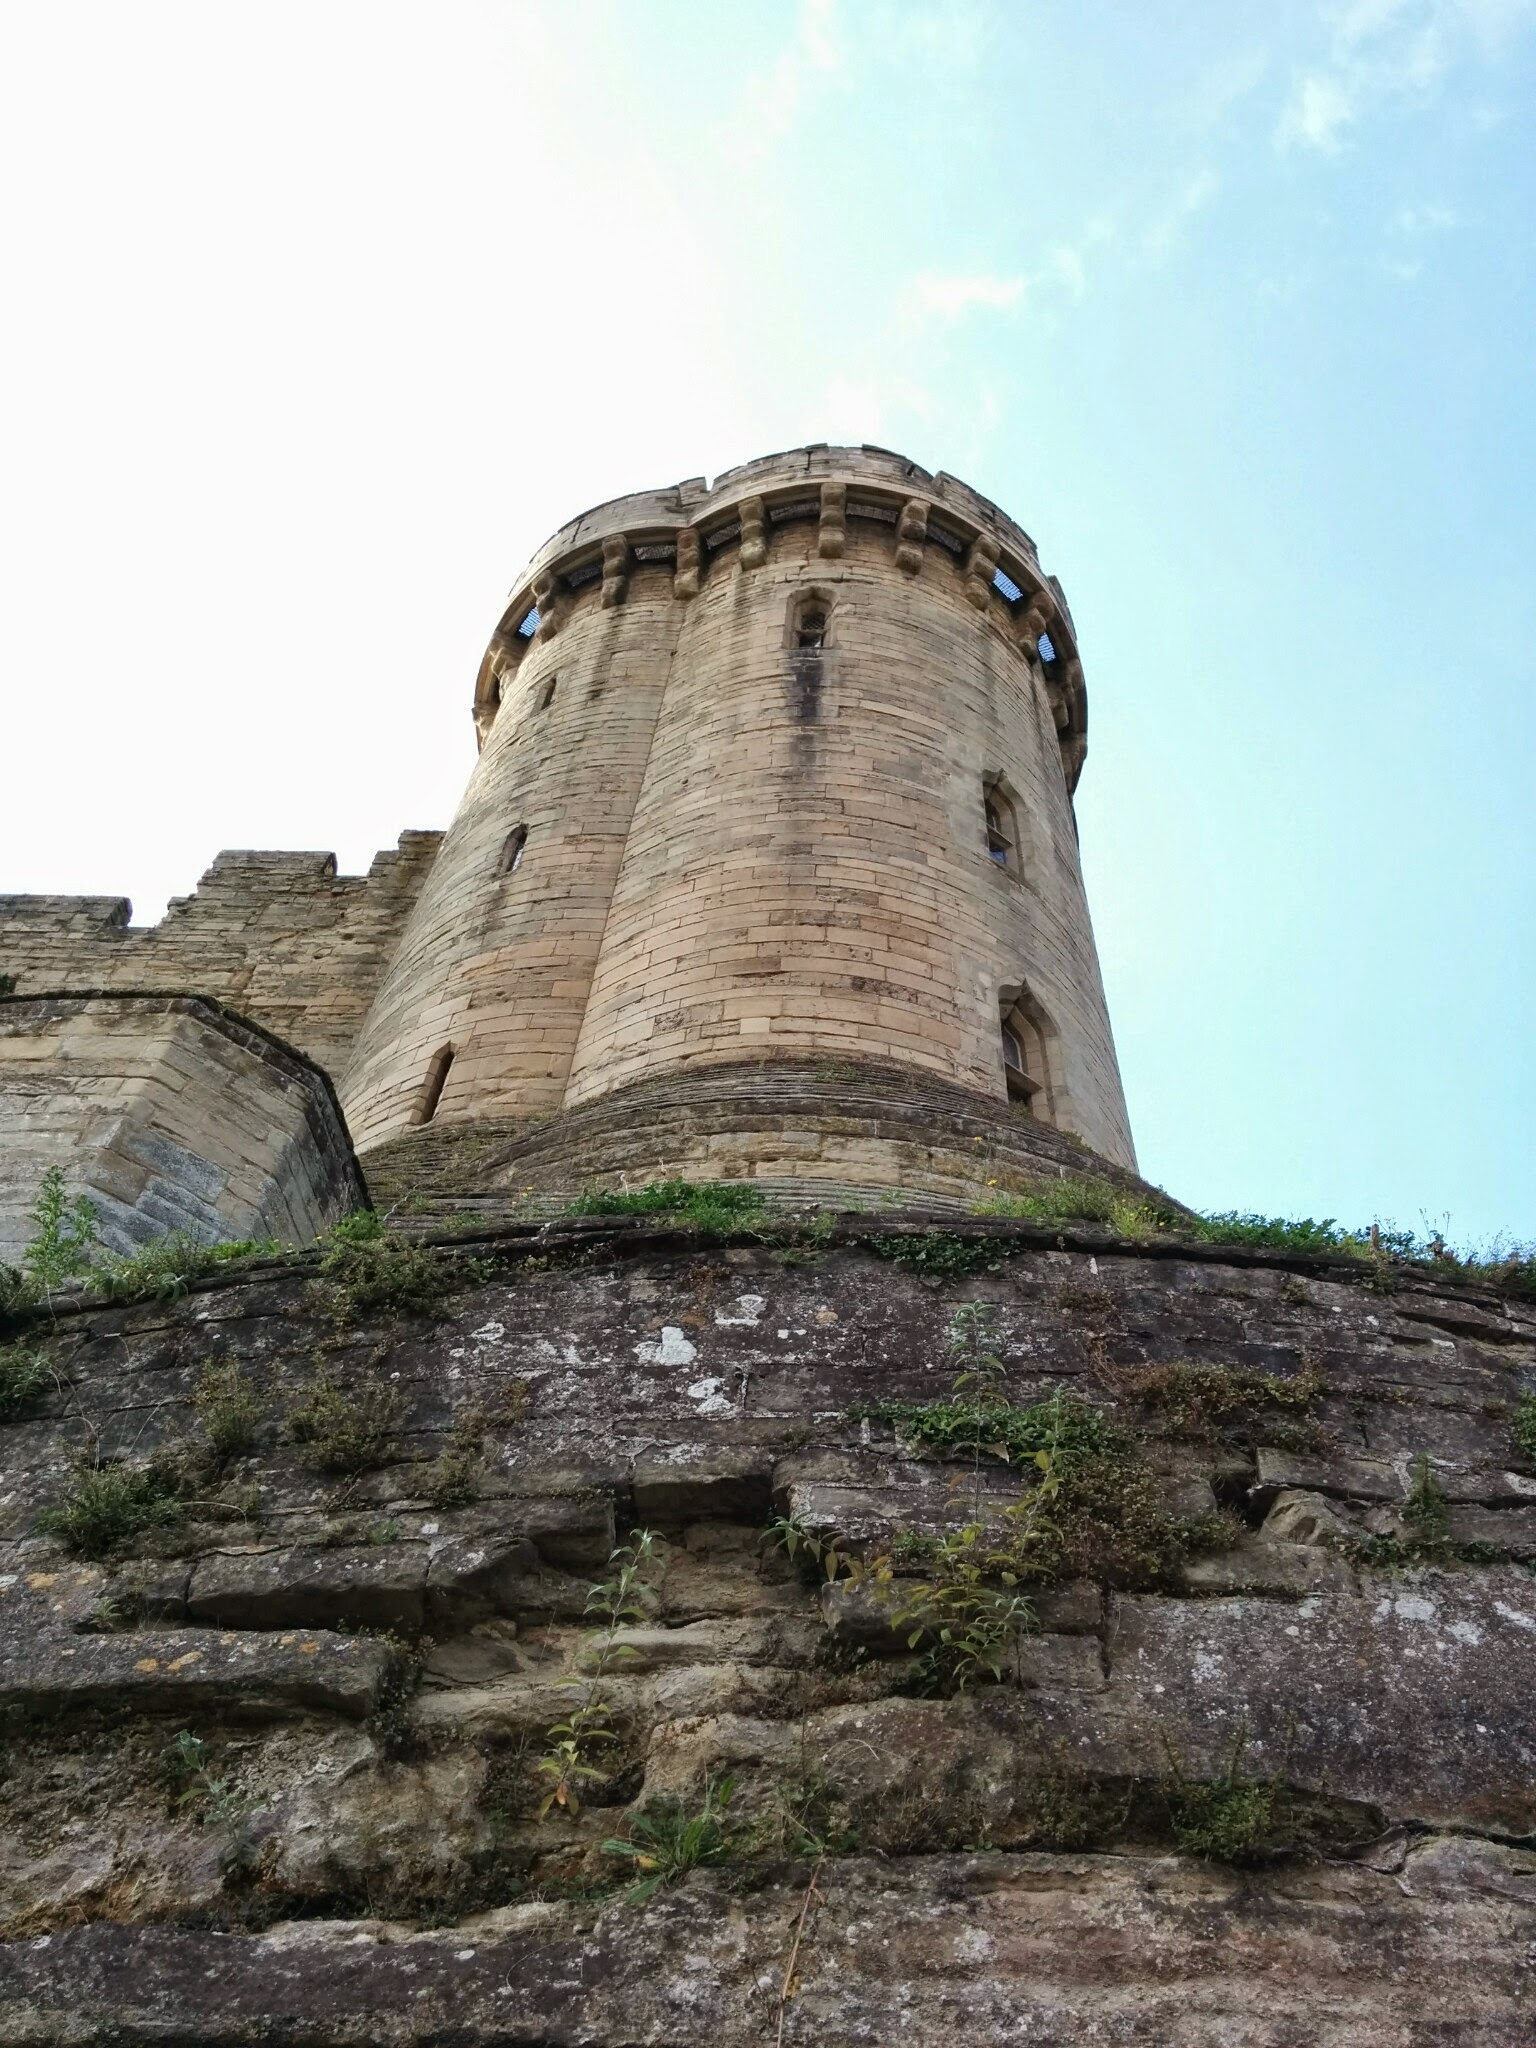 Caeser's Tower